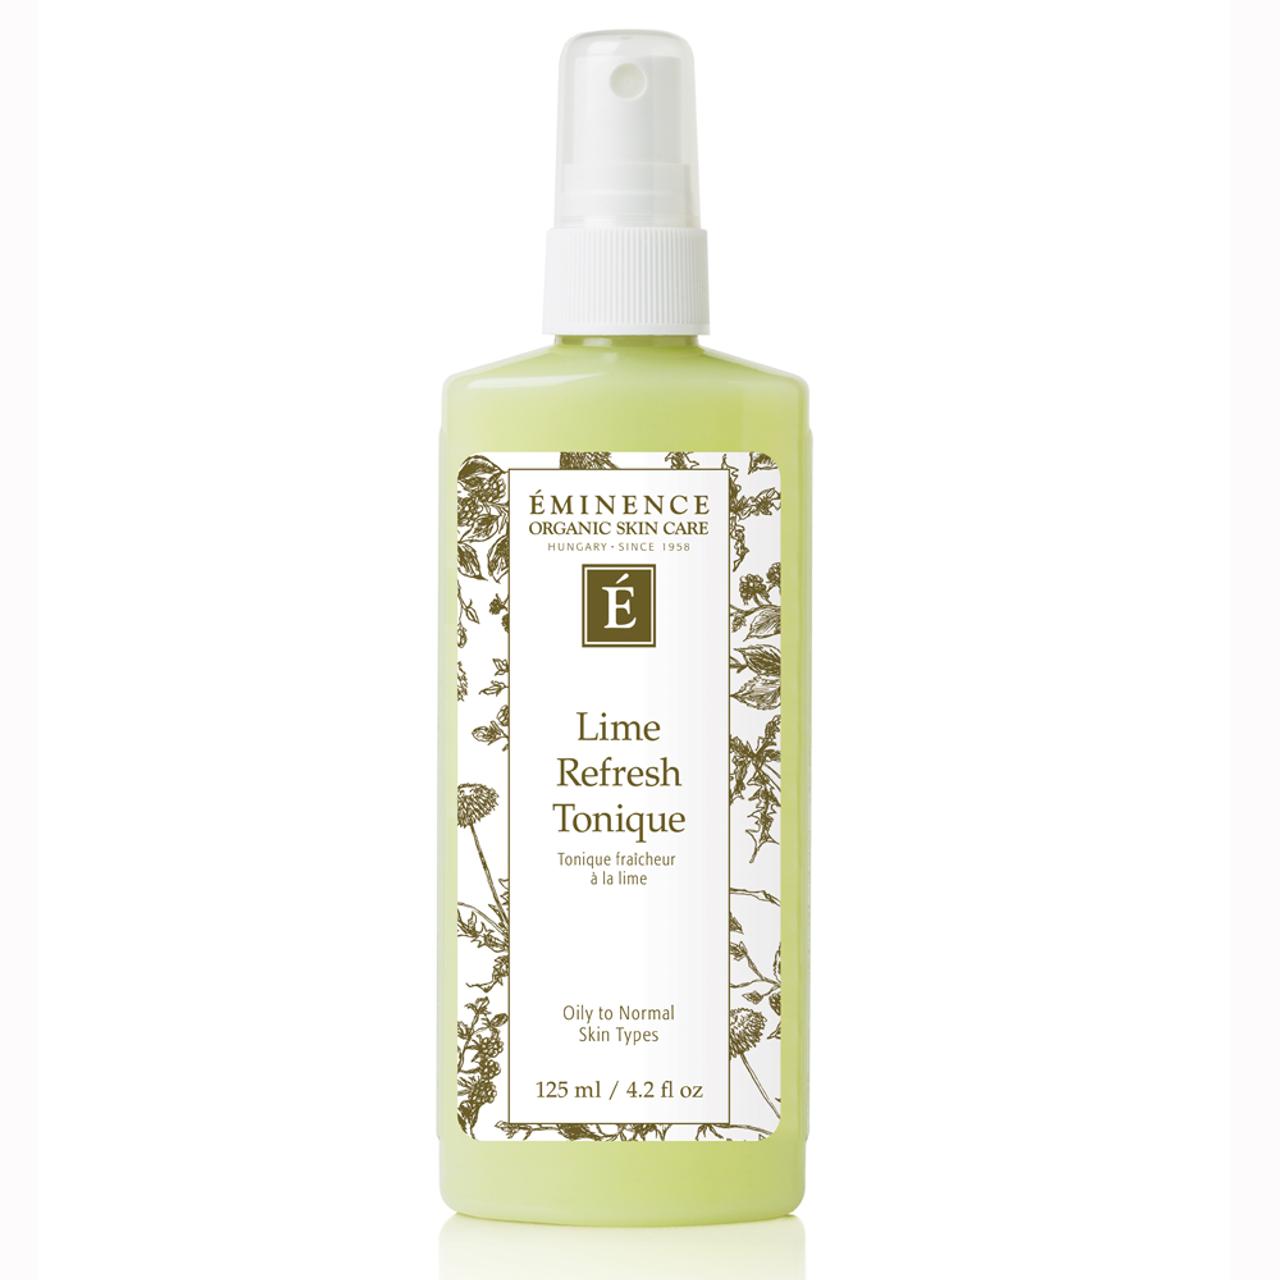 Eminence Lime Refresh Tonique BeautifiedYou.com